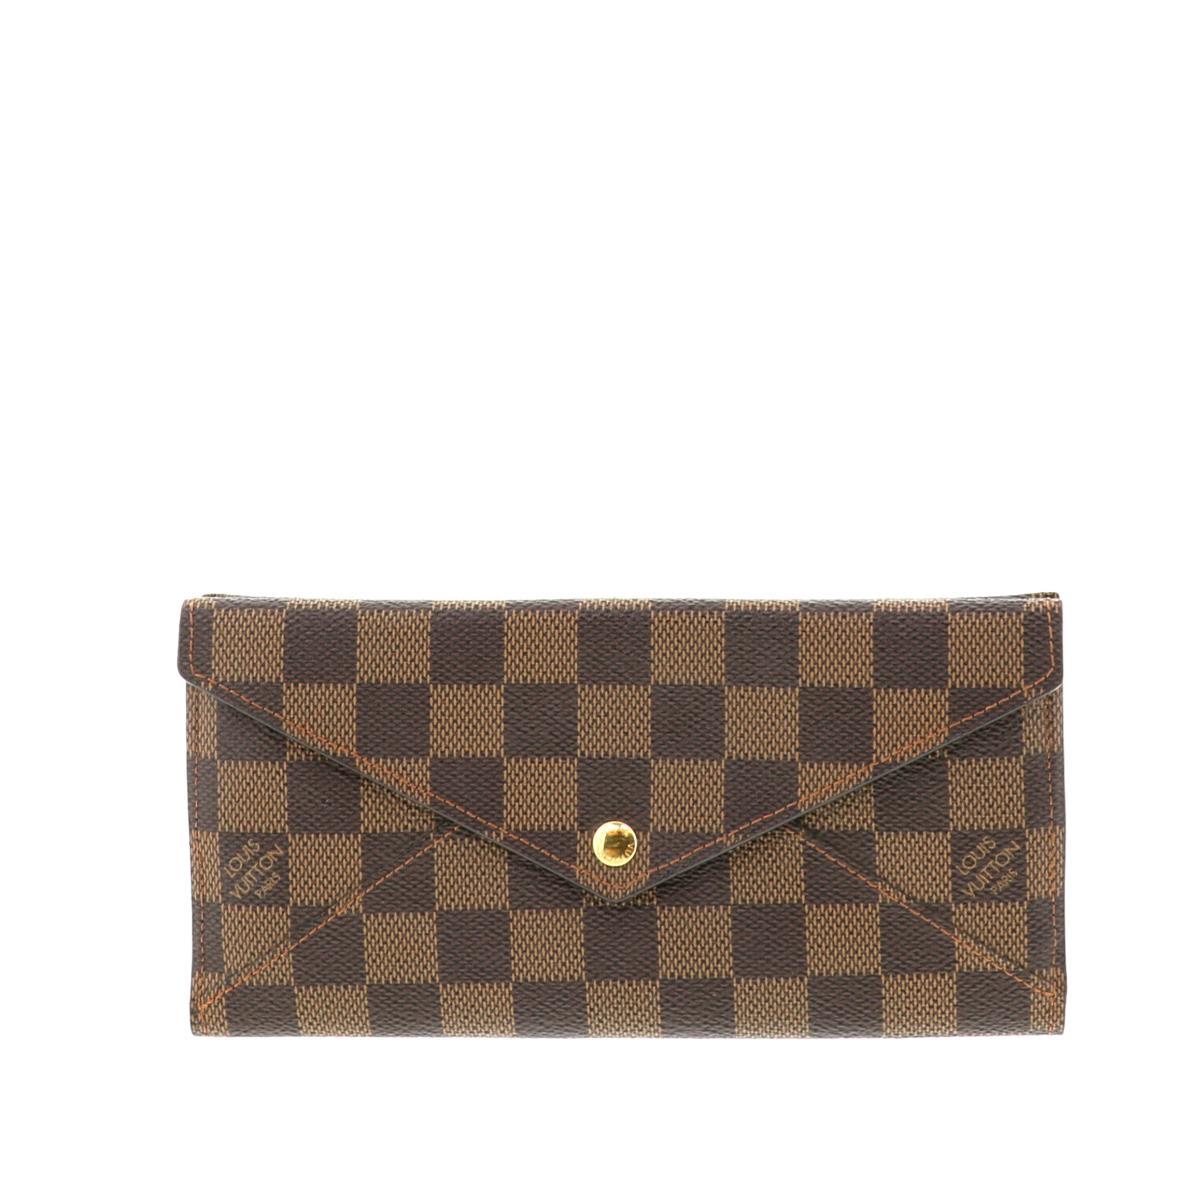 【中古】LOUIS VUITTON (ルイヴィトン) ポルトフォイユ・オリガミ ロン 財布 二つ折り財布(小銭入有) ダミエ/エベヌ N63097 used:A